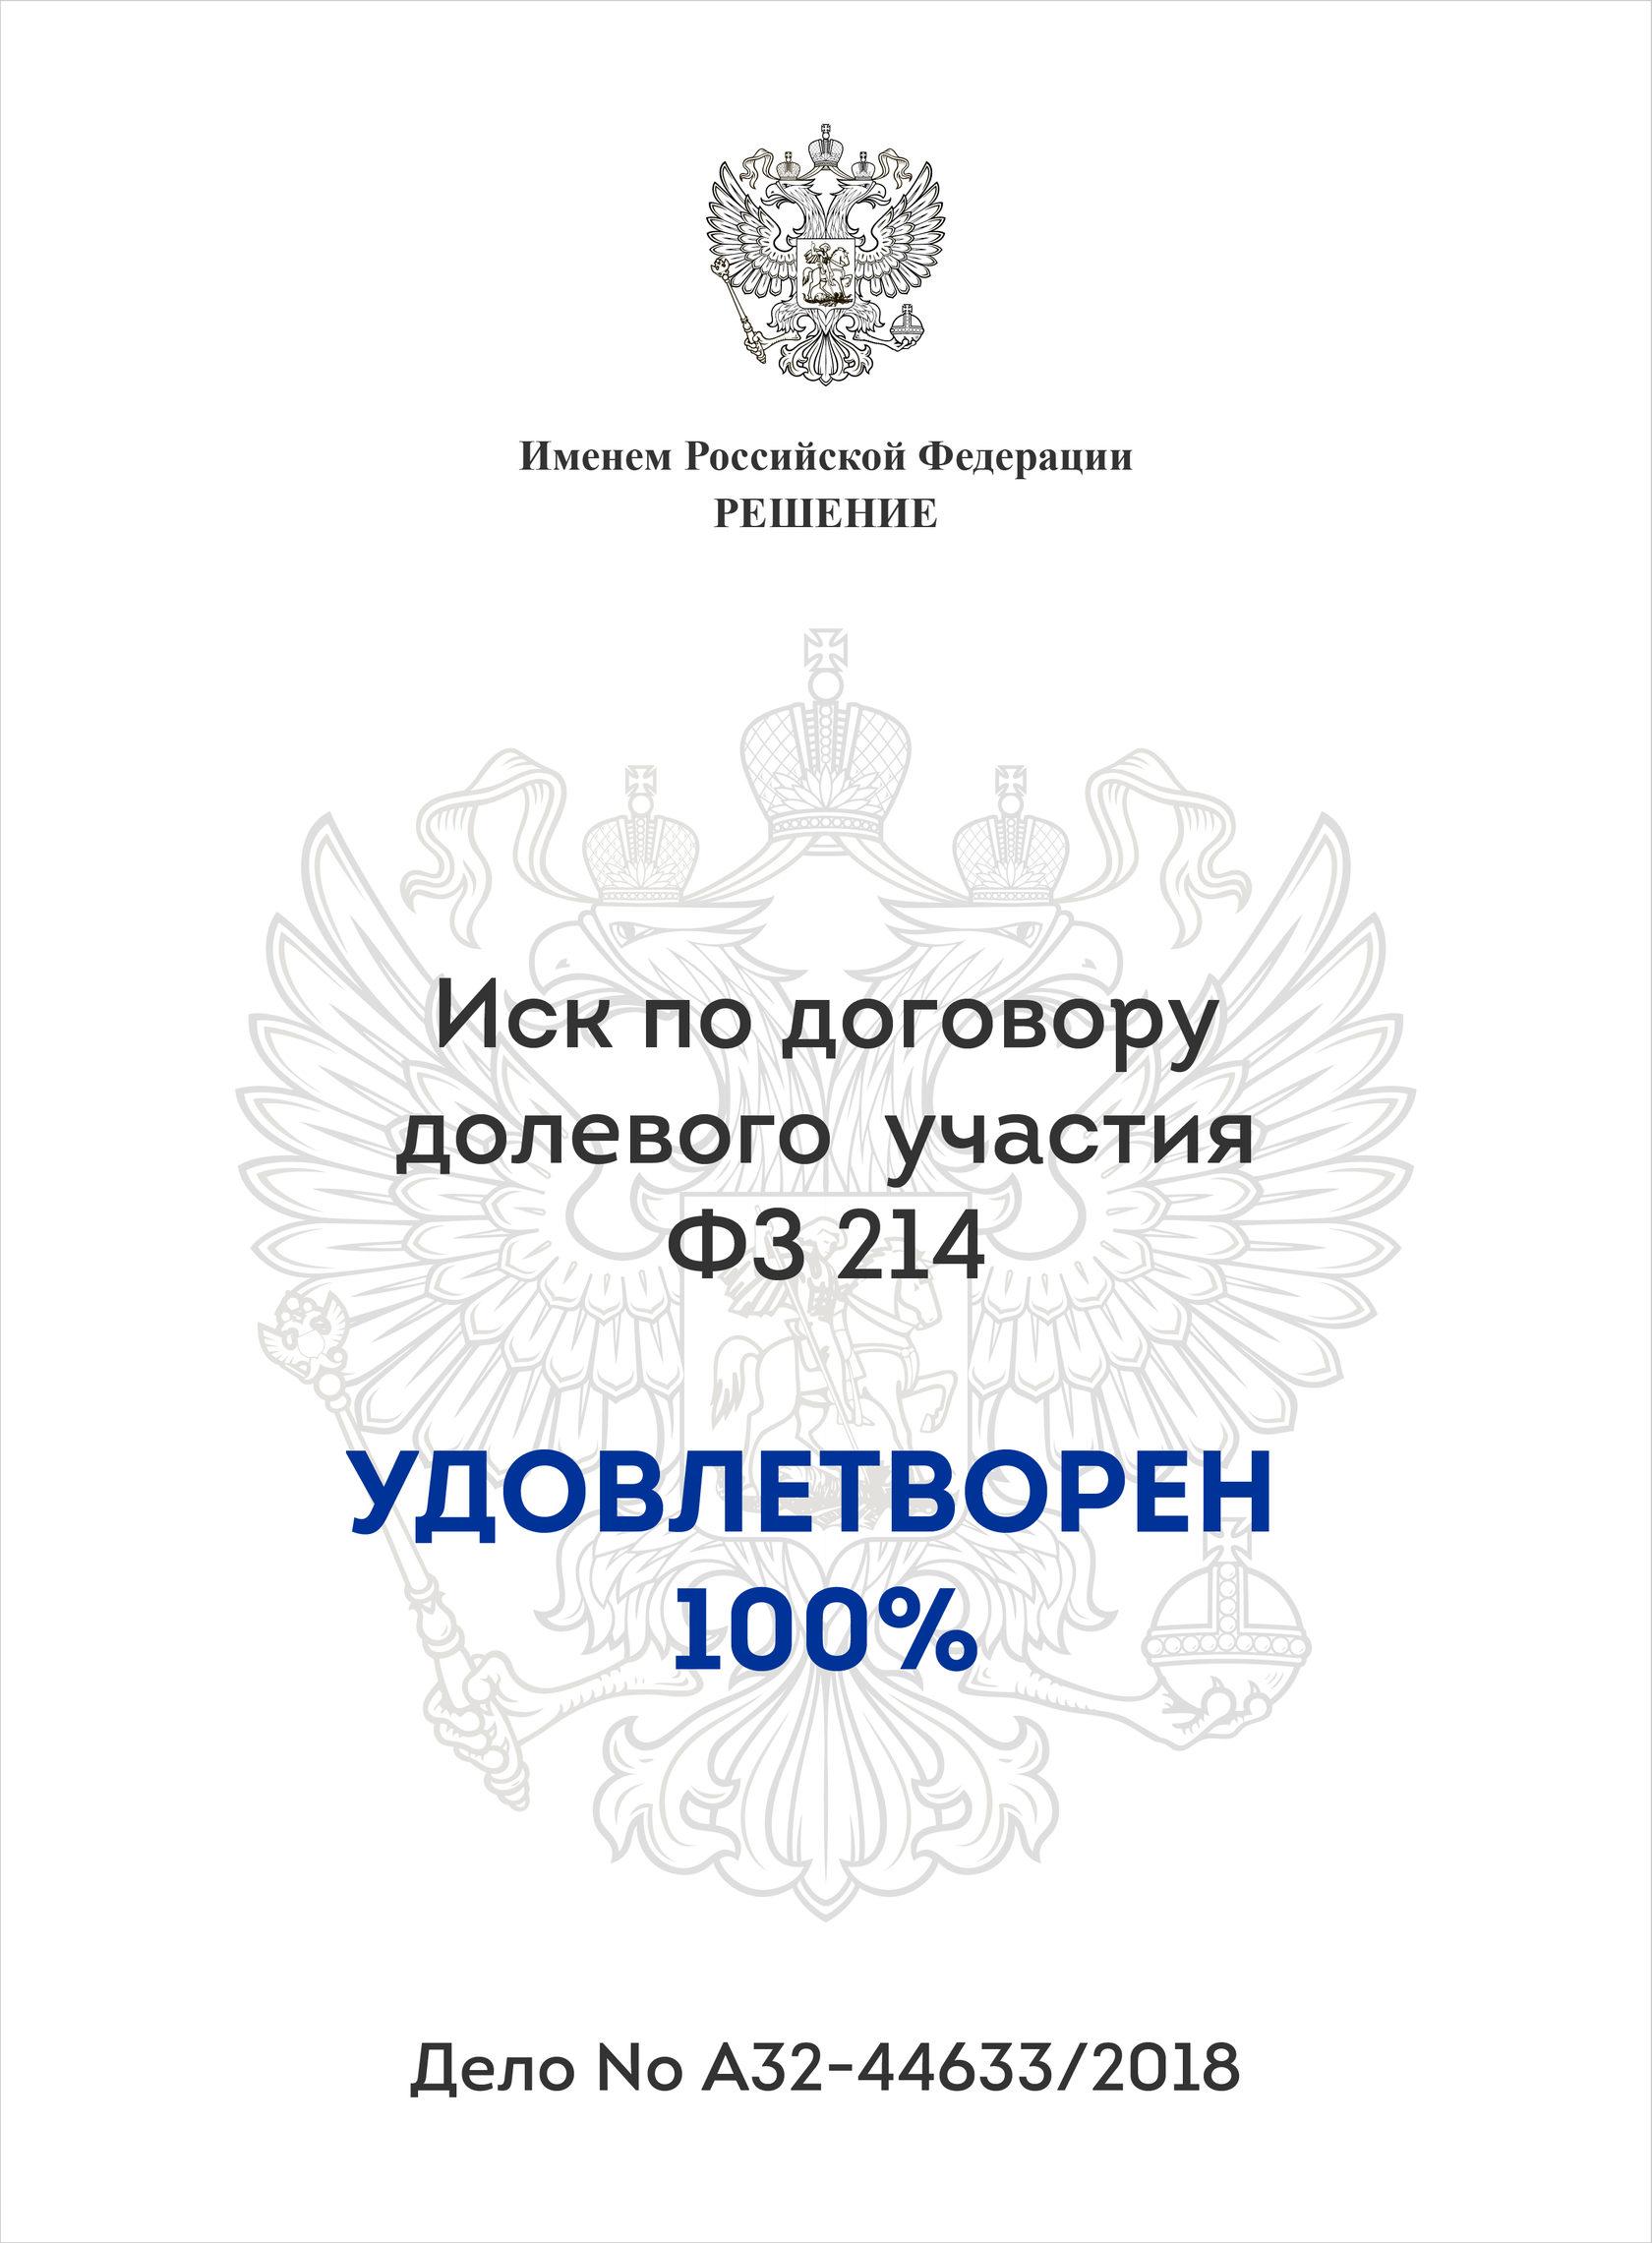 Иск по договору долевого участия ФЗ 214 <br />